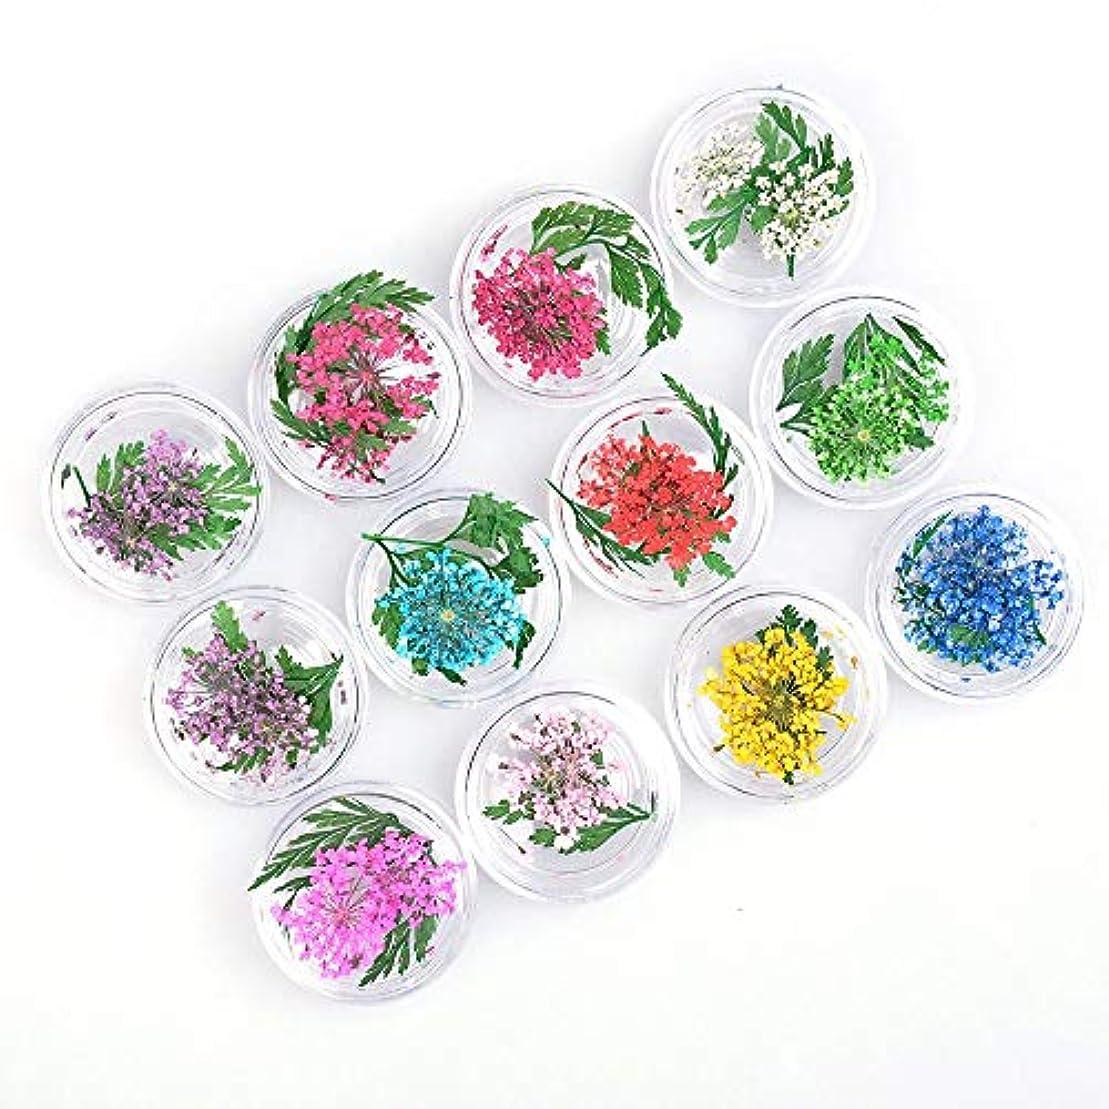 しつけ葉を拾う悲観的押し花 ドライフラワー 葉 3Dネイル レジンデコレーション 12種 色